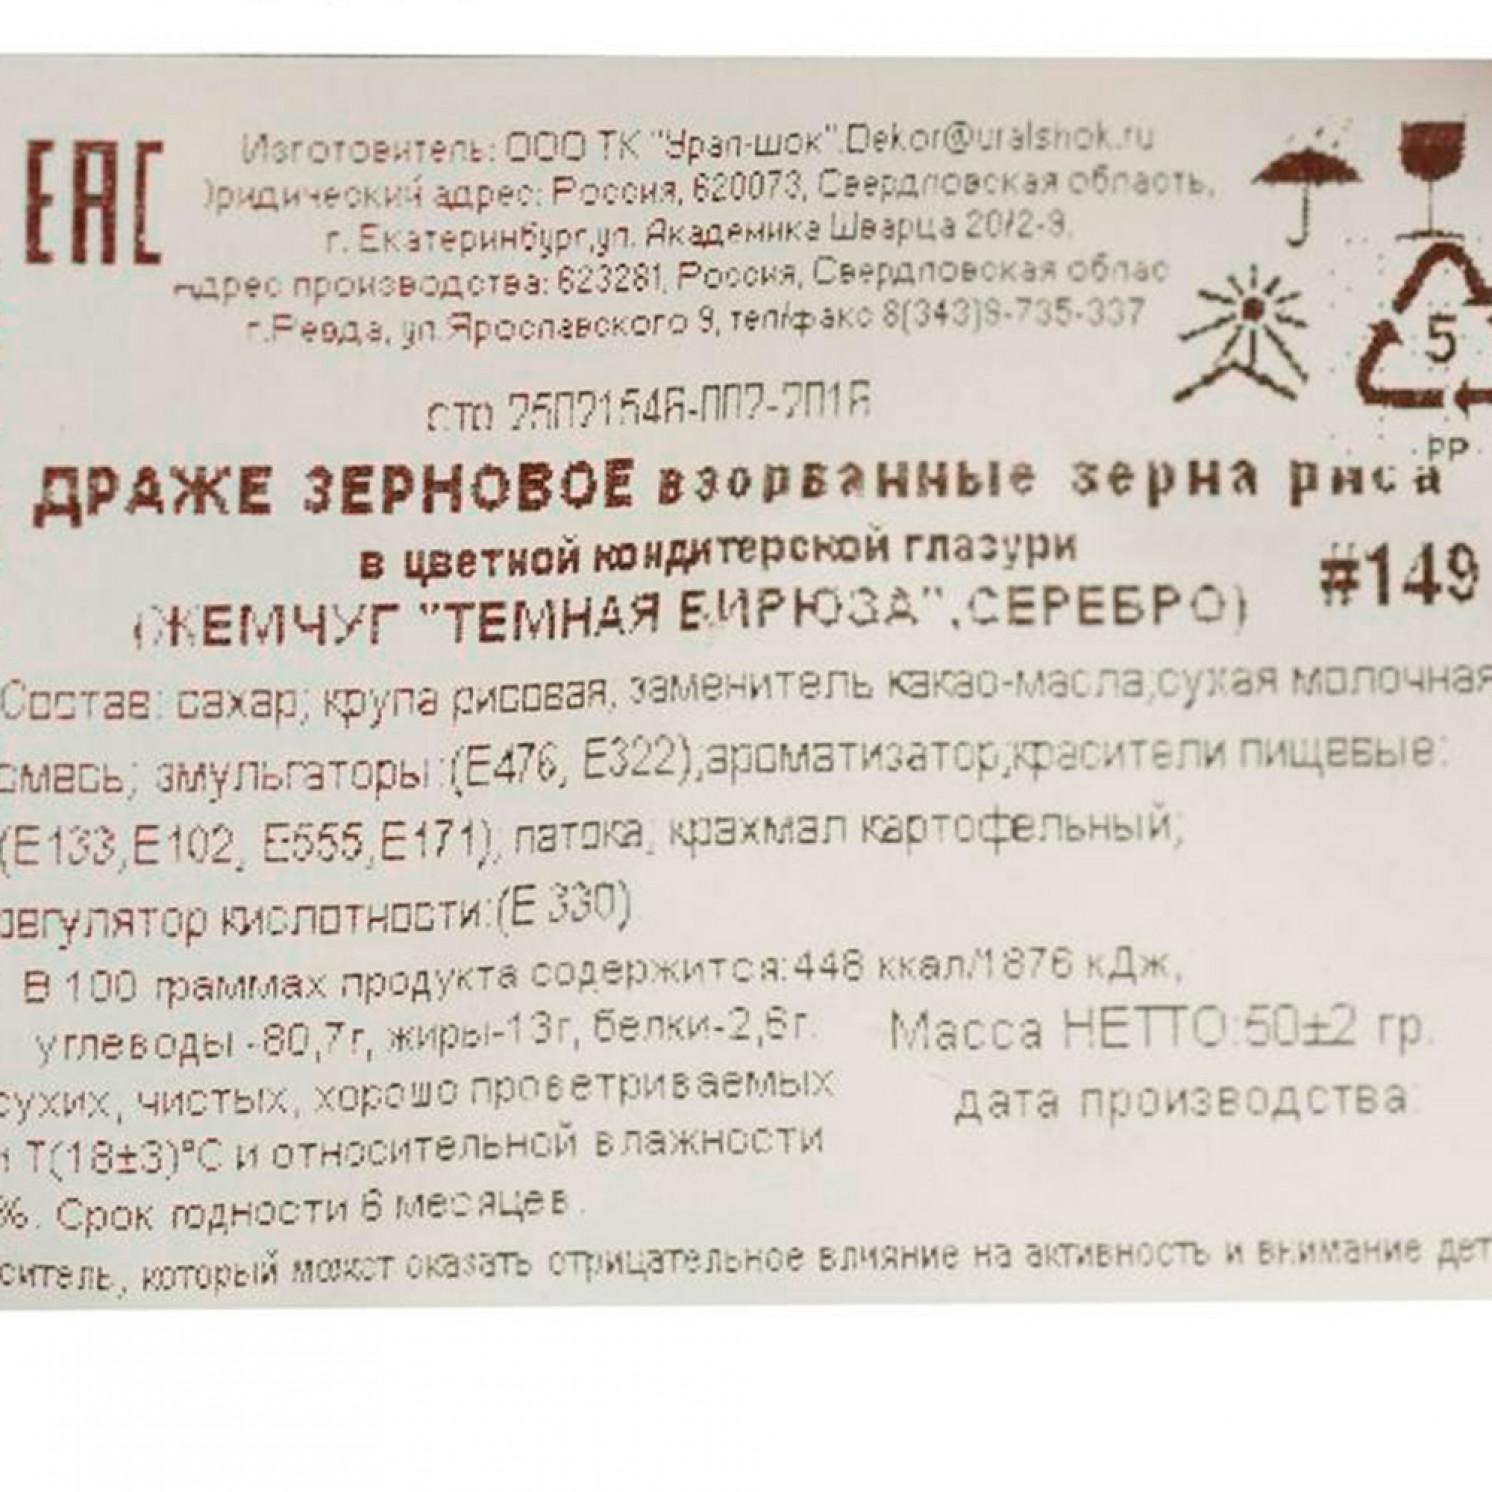 Драже «Жемчуг», взорванные зёрна риса в цветной кондитерской глазури, тёмная бирюза/серебро, 50 г